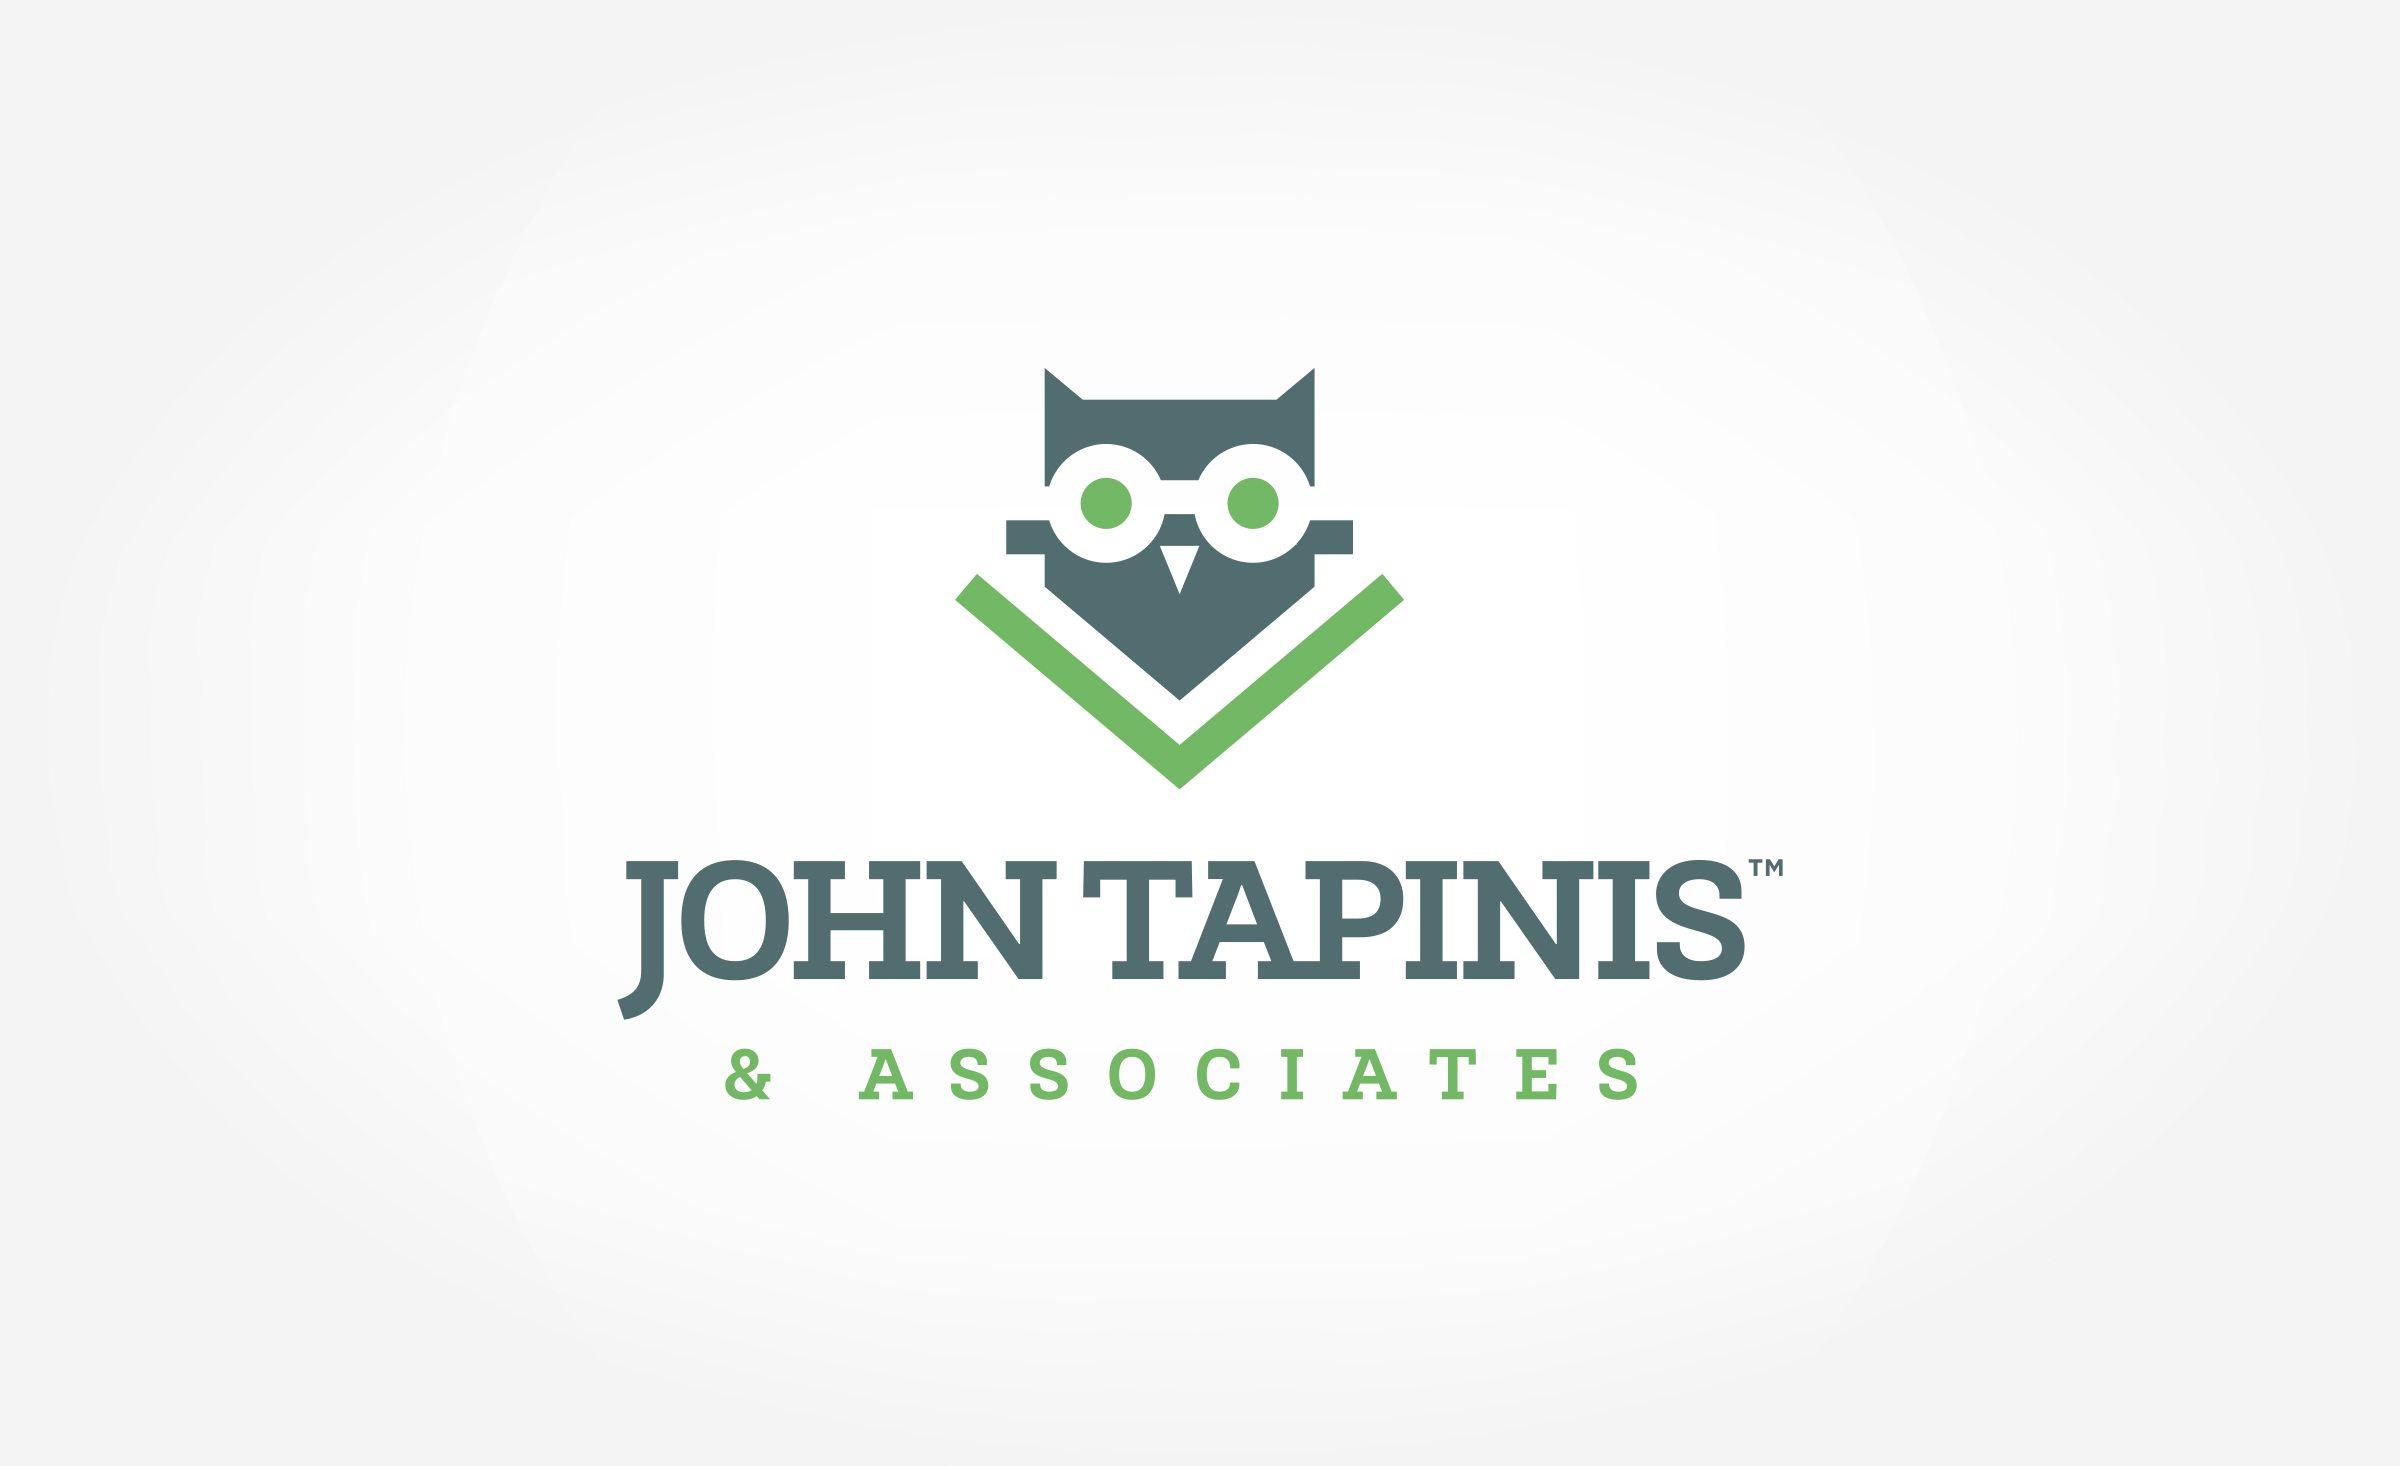 John Tapinis & Associates